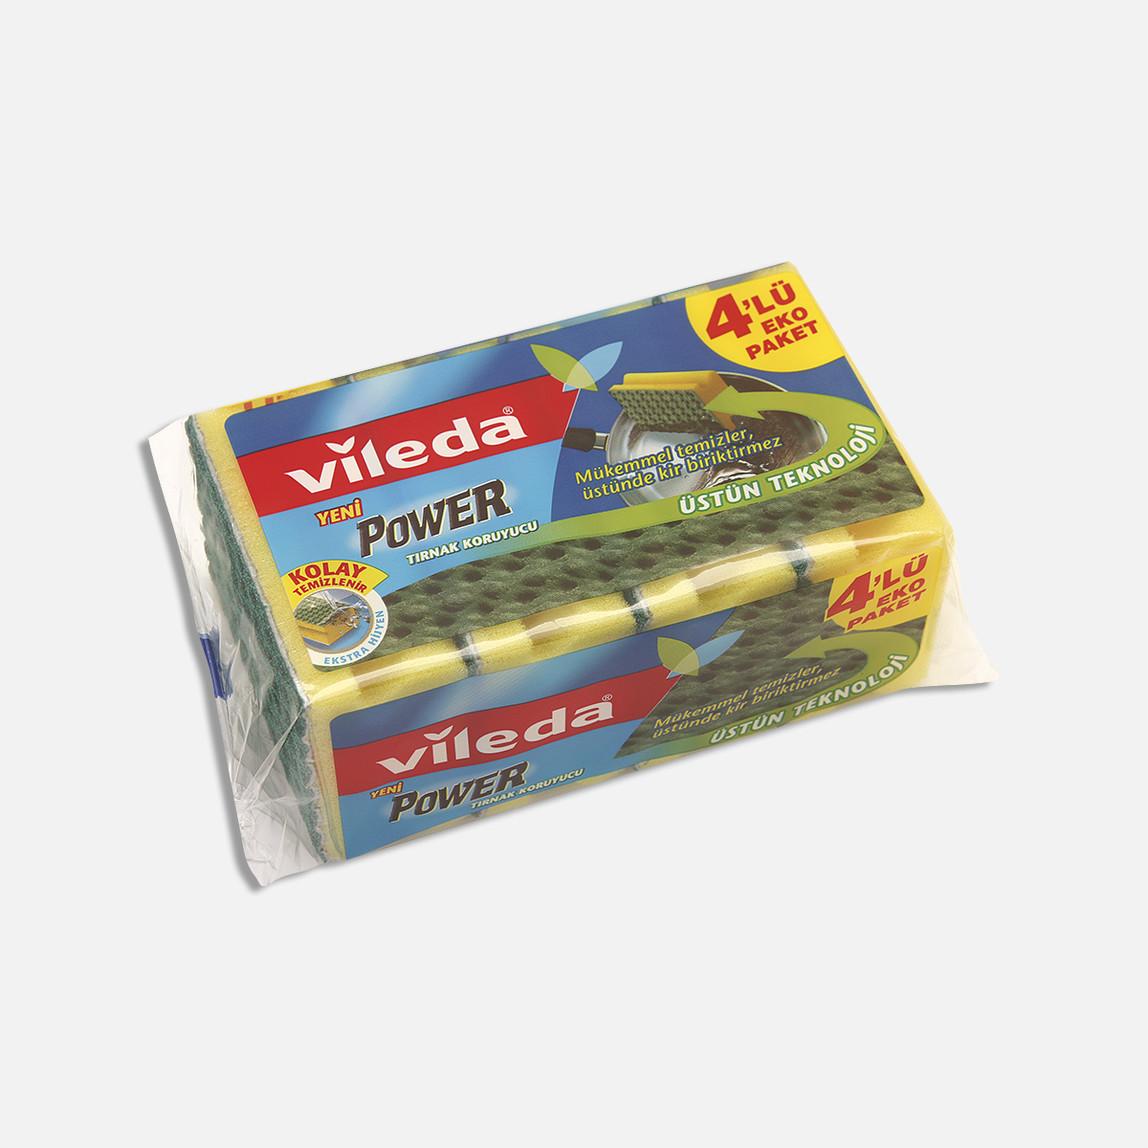 Vileda Power Oluklu Bulaşıklık Süngeri 4'lü Paket